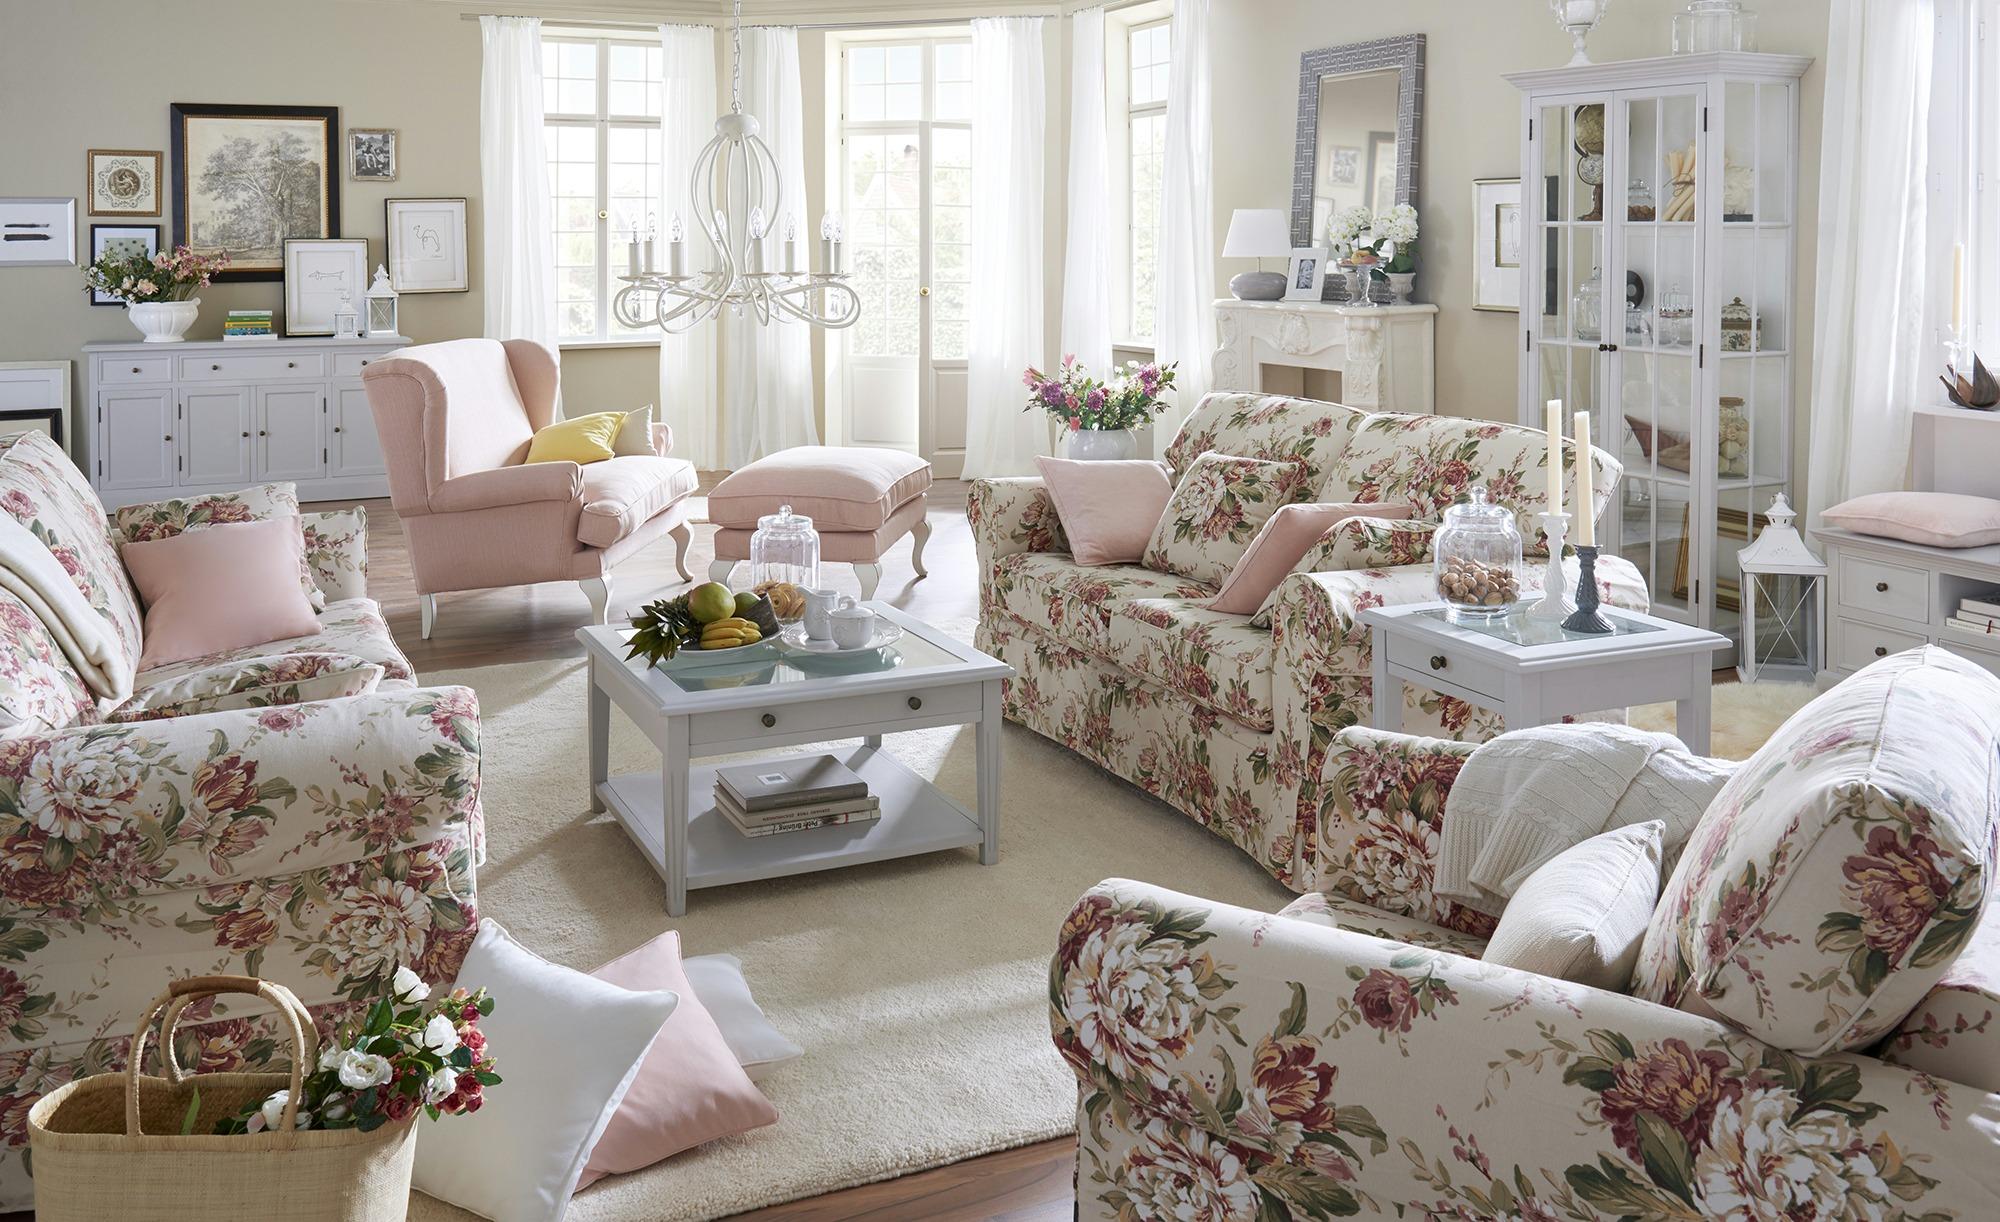 Berber-Teppich  Rabat ¦ creme ¦ reine Wolle ¦ Maße (cm): B: 170 Teppiche > Auslegware - Höffner   Heimtextilien > Teppiche > Berberteppiche   Creme   Wolle   Möbel Höffner DE